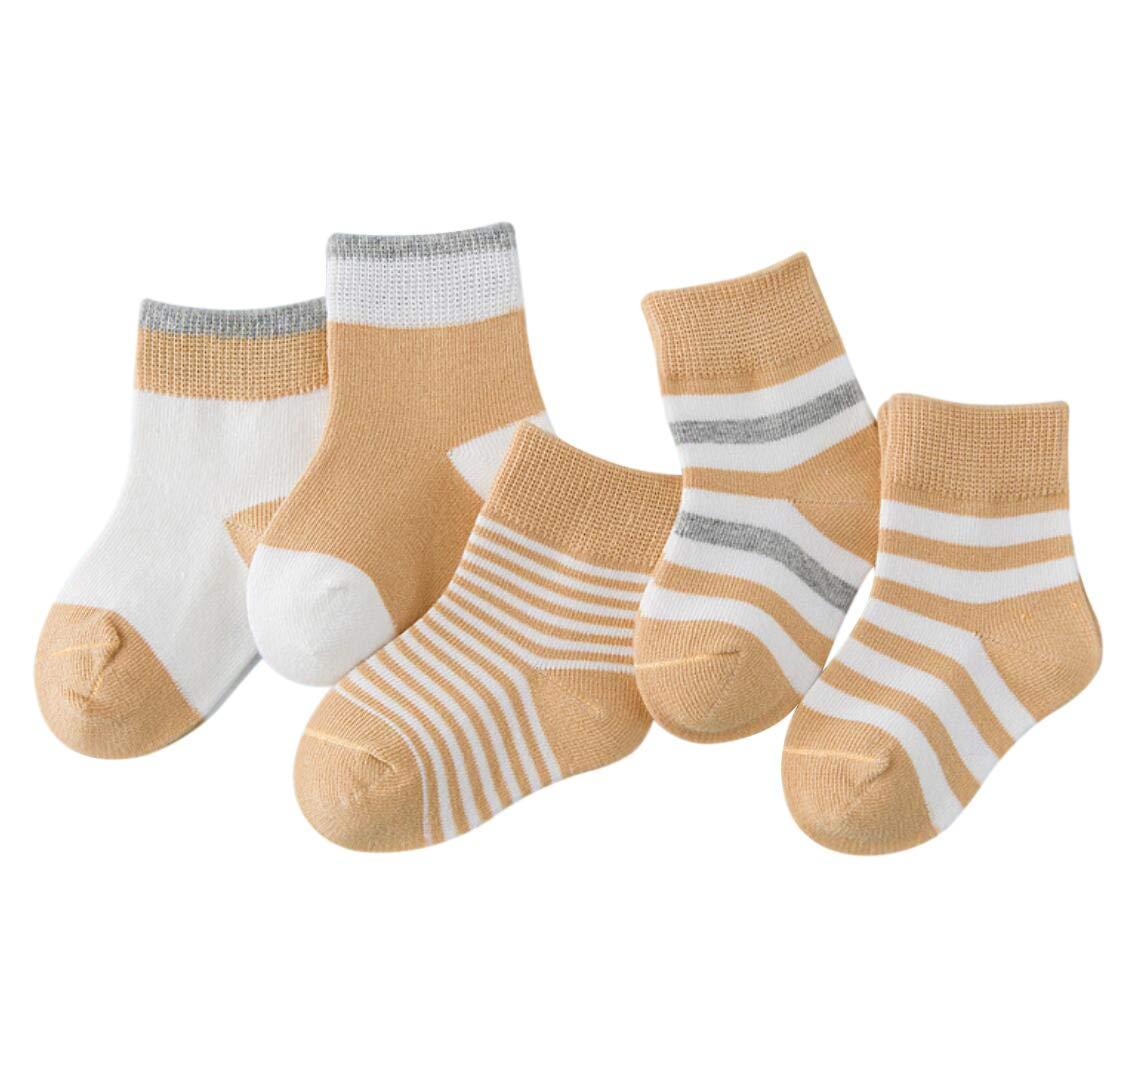 DEBAIJIA Niños Niñas Calcetines De Algodón Cómodo Suave Jogging Absorben el Sudor Antibacteriano primavera verano otoño… 1